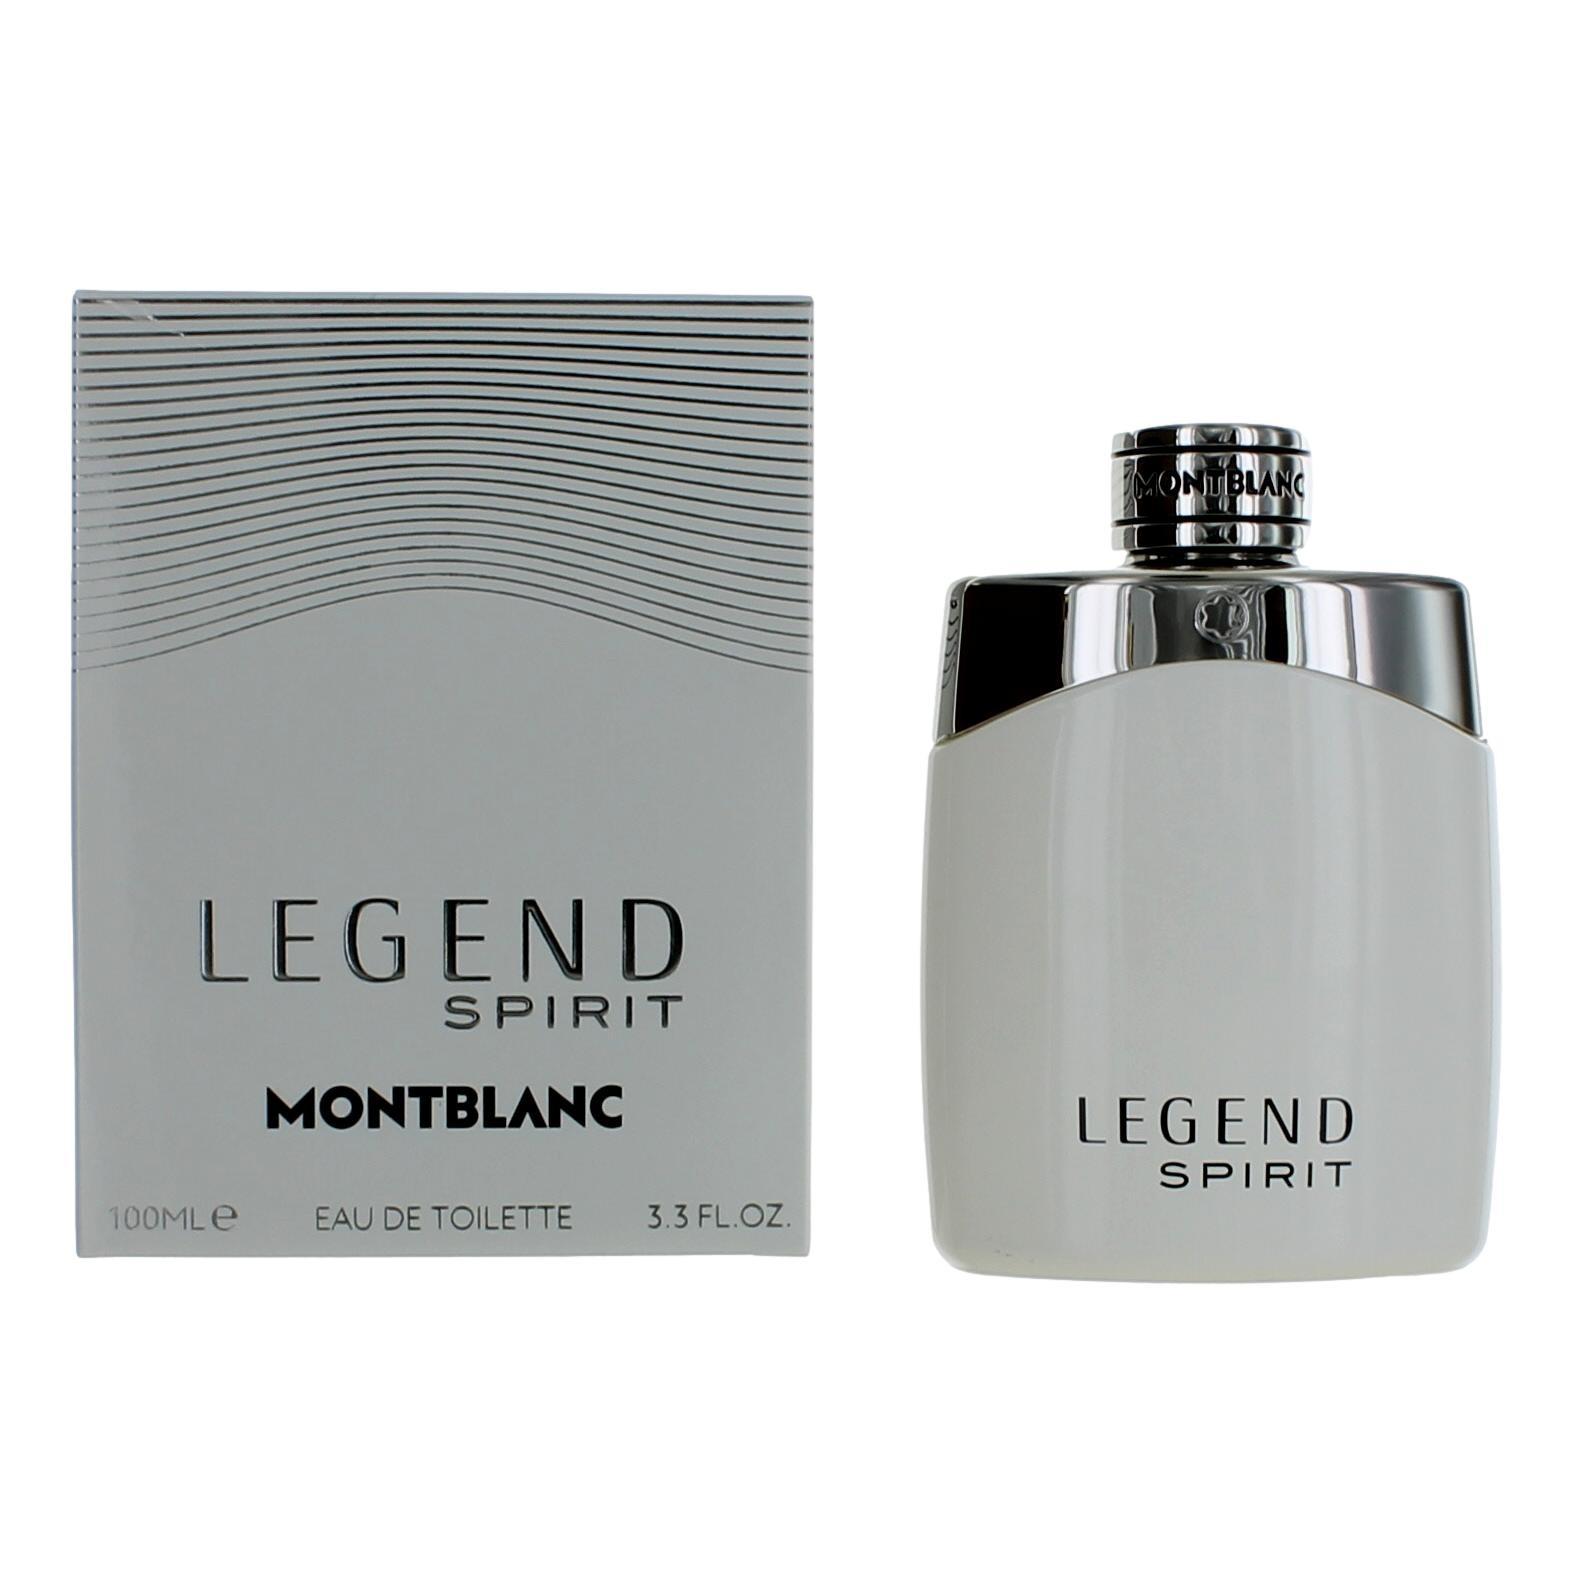 mont blanc legend spirit cologne by mont blanc 3 3 oz edt spray men new ebay. Black Bedroom Furniture Sets. Home Design Ideas